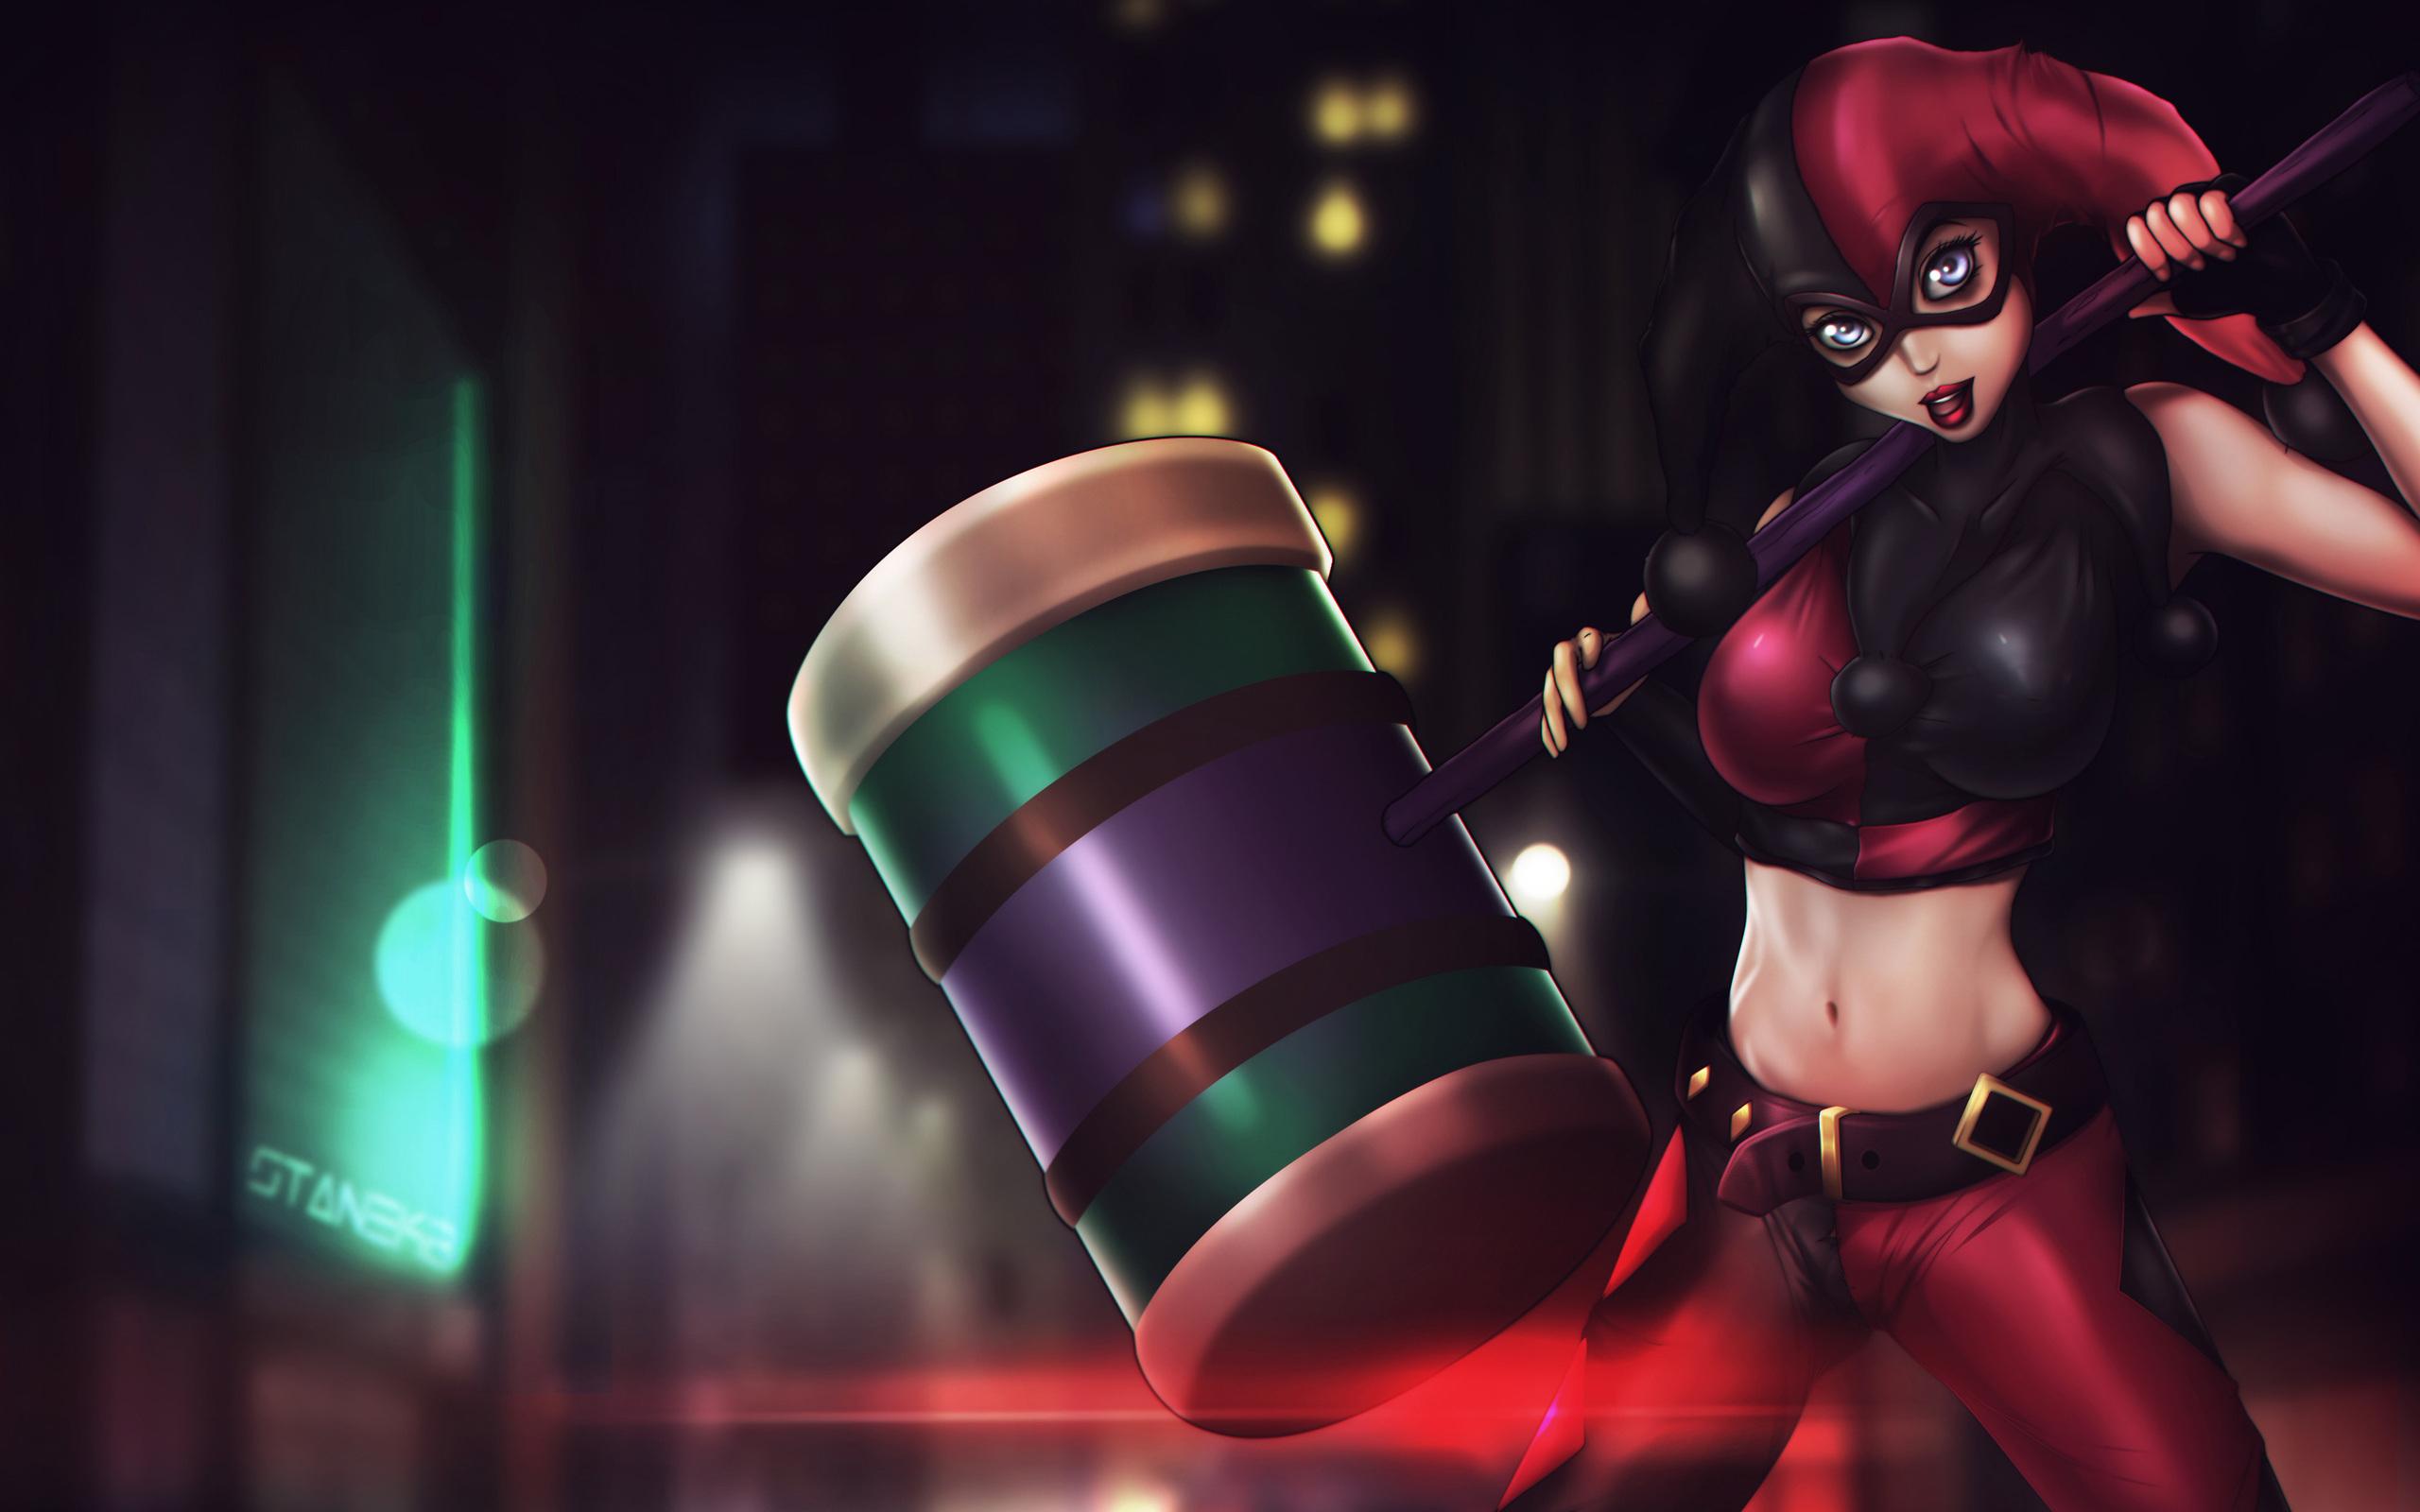 2560x1600 Harley Quinn Assault On Arkham Asylum 2560x1600